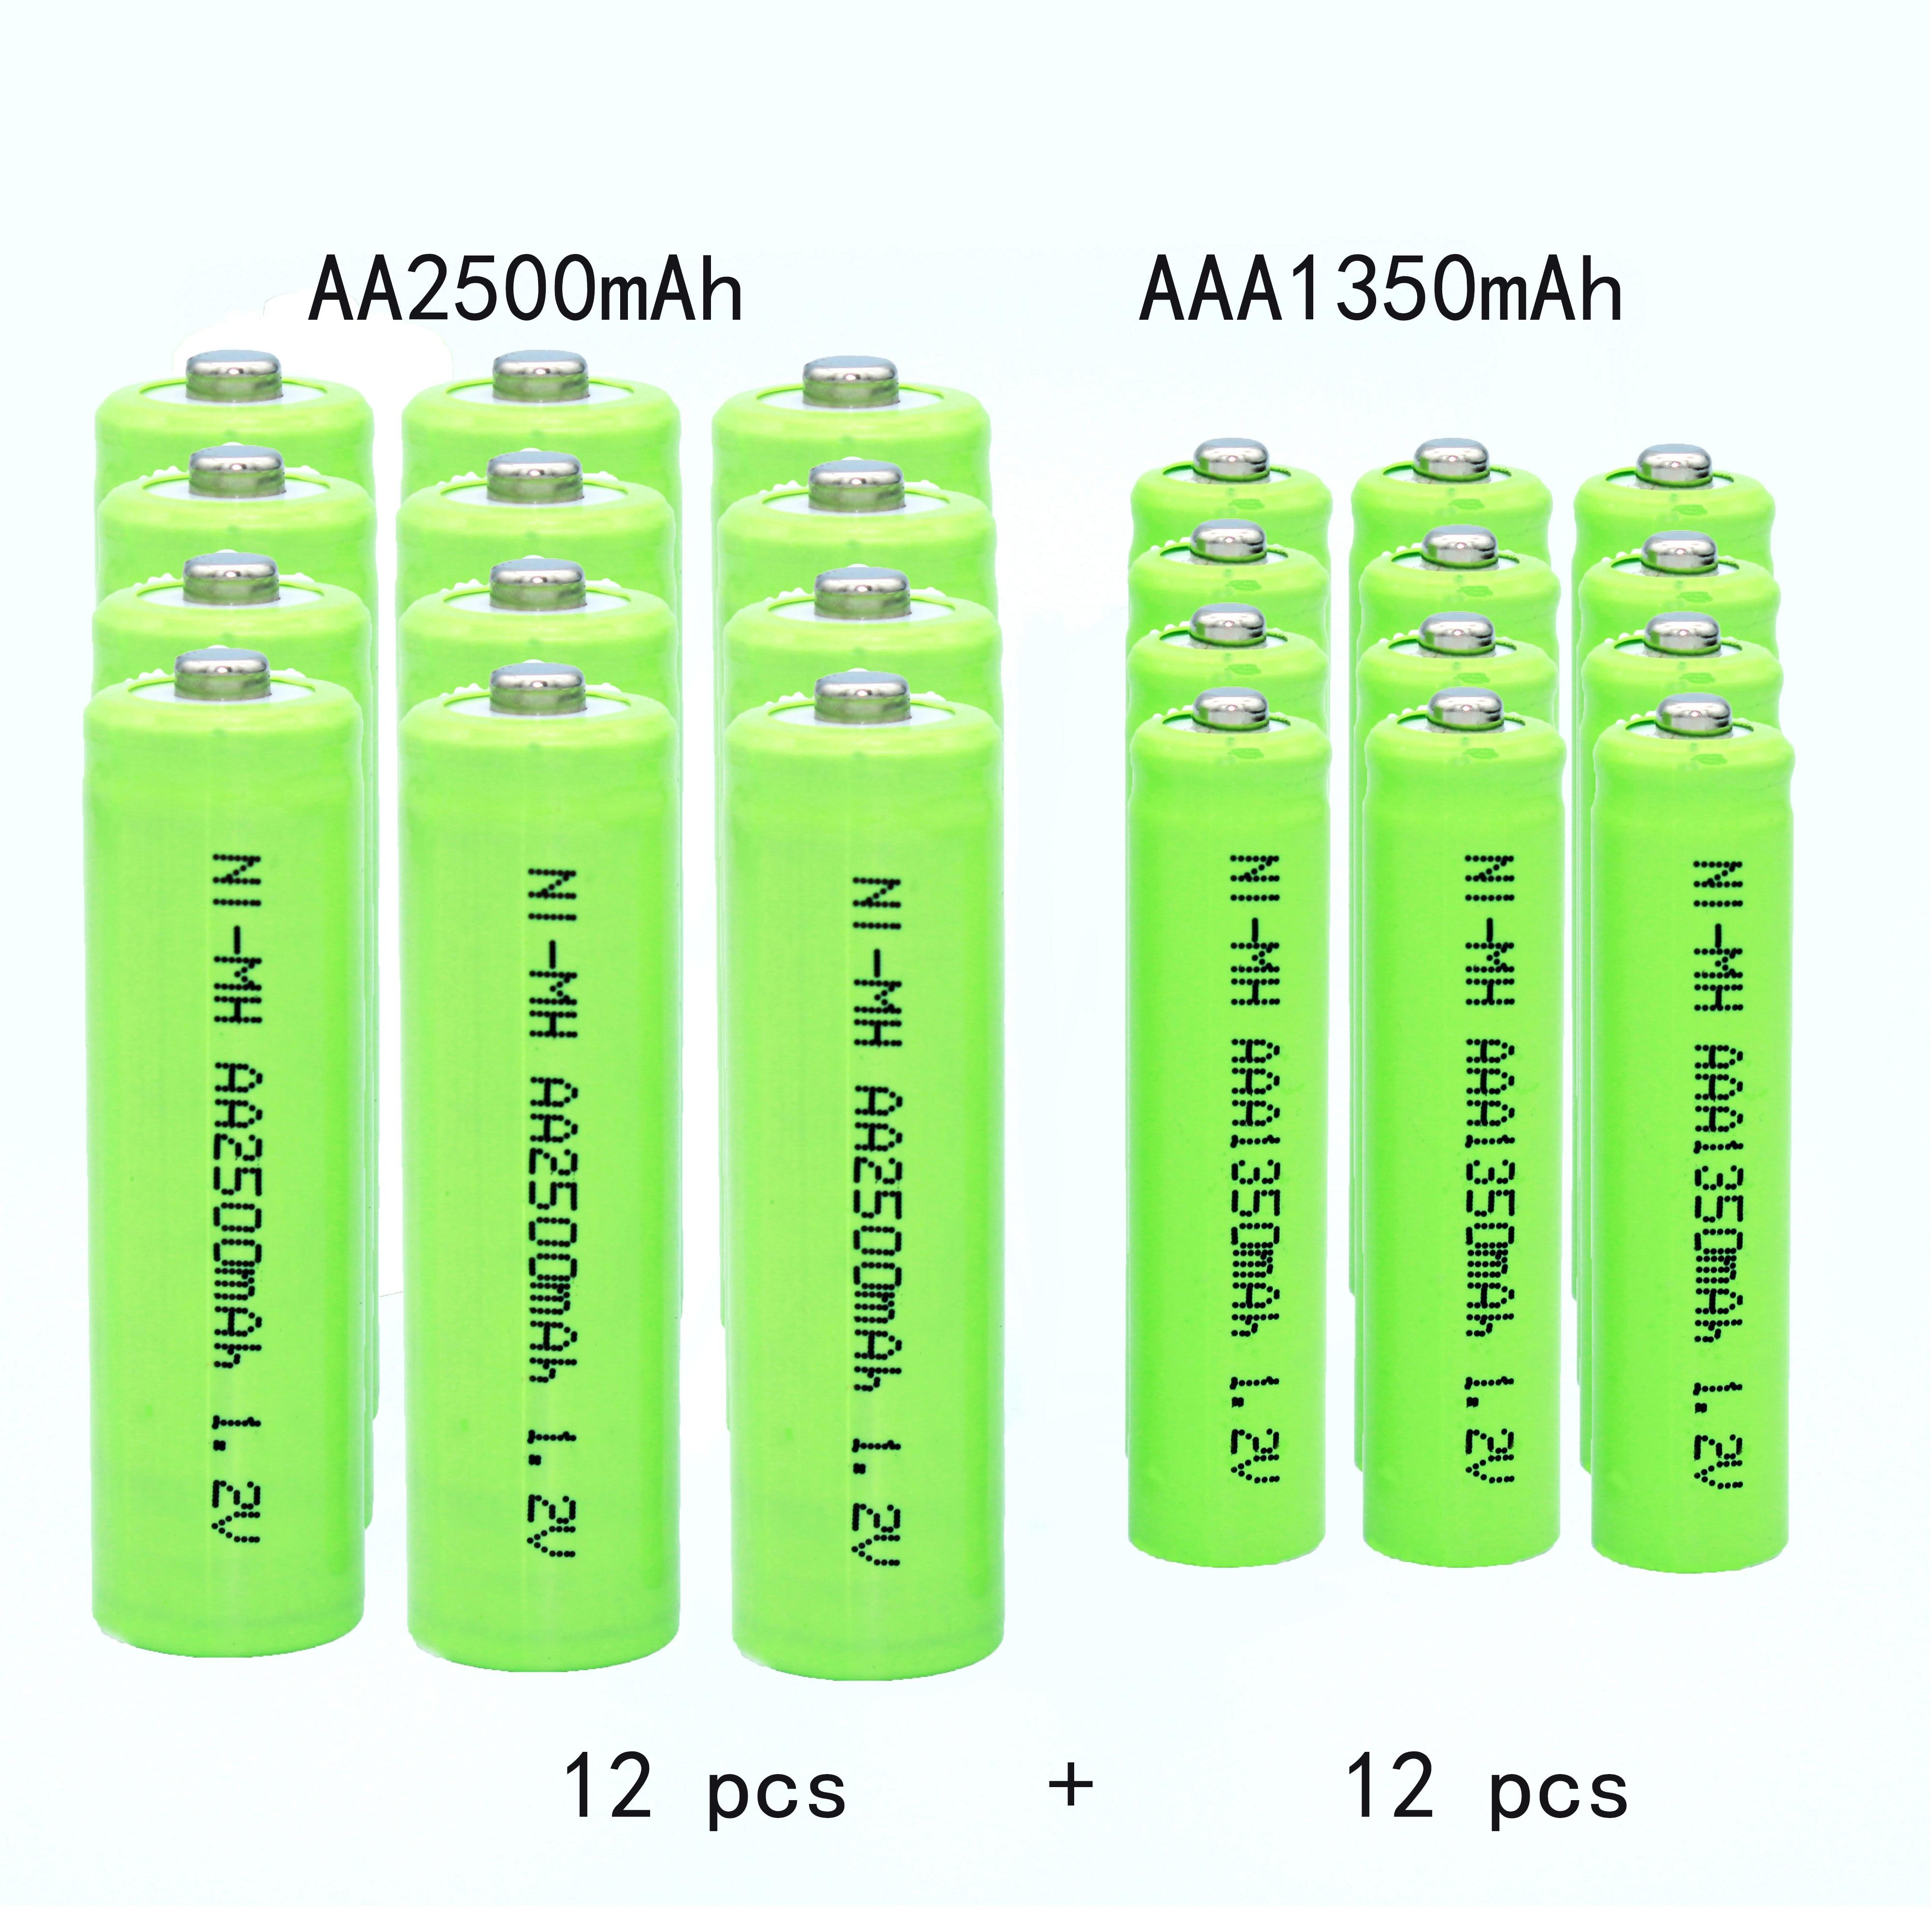 Batería alcalina y brinquedos, 1,2 v, + AAA1350mah AA2500mah, batería reemplazable, NI-MH